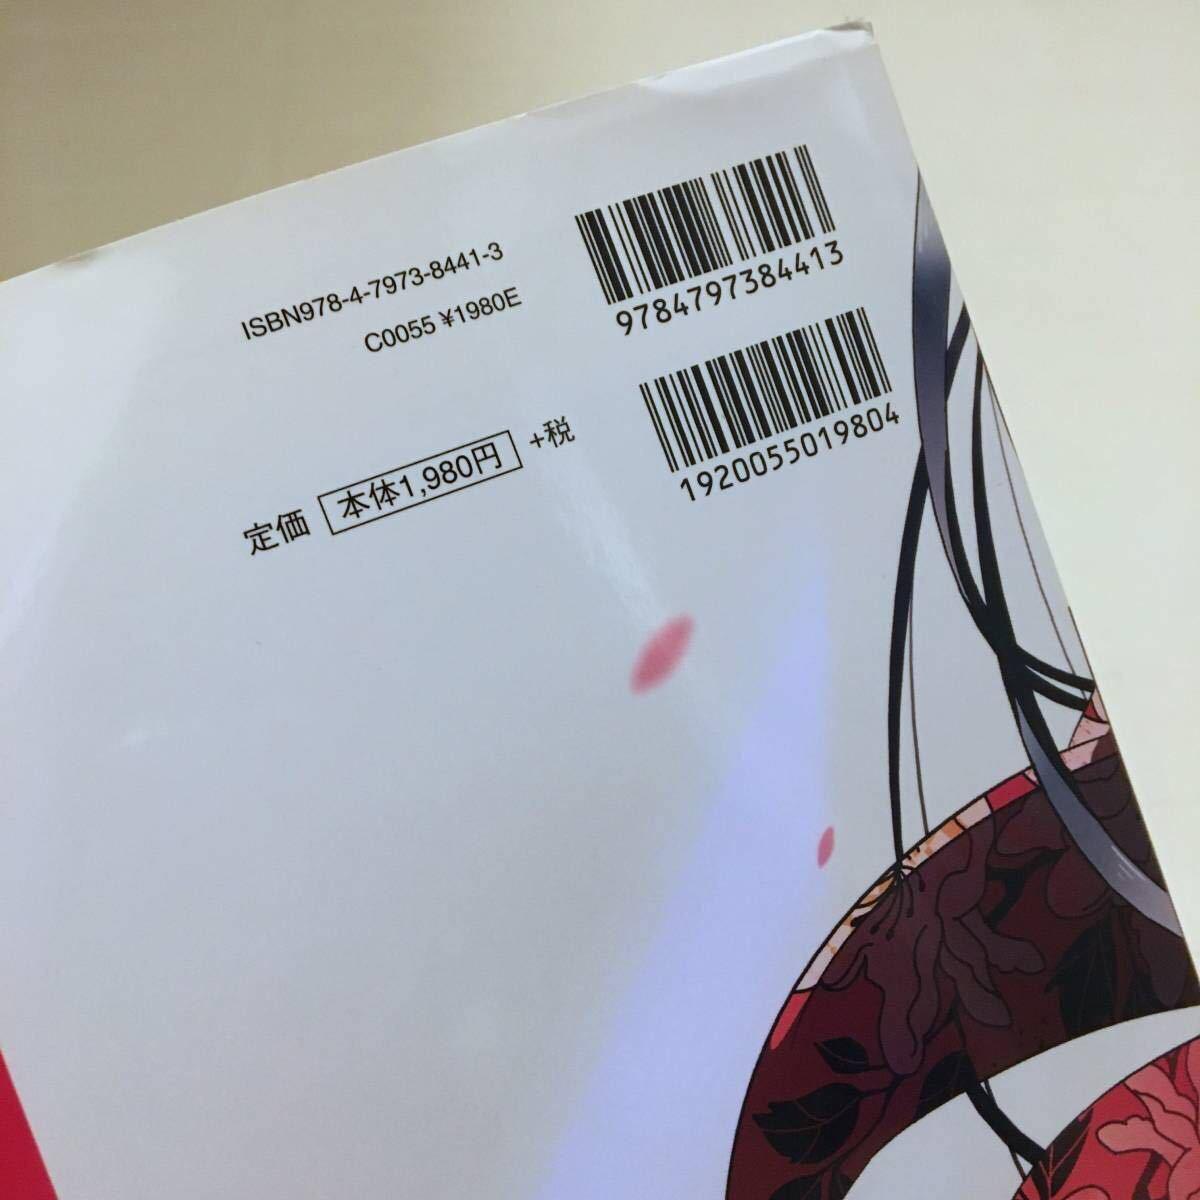 ヤフオク デジタルで描く刀剣ポーズイラスト真剣